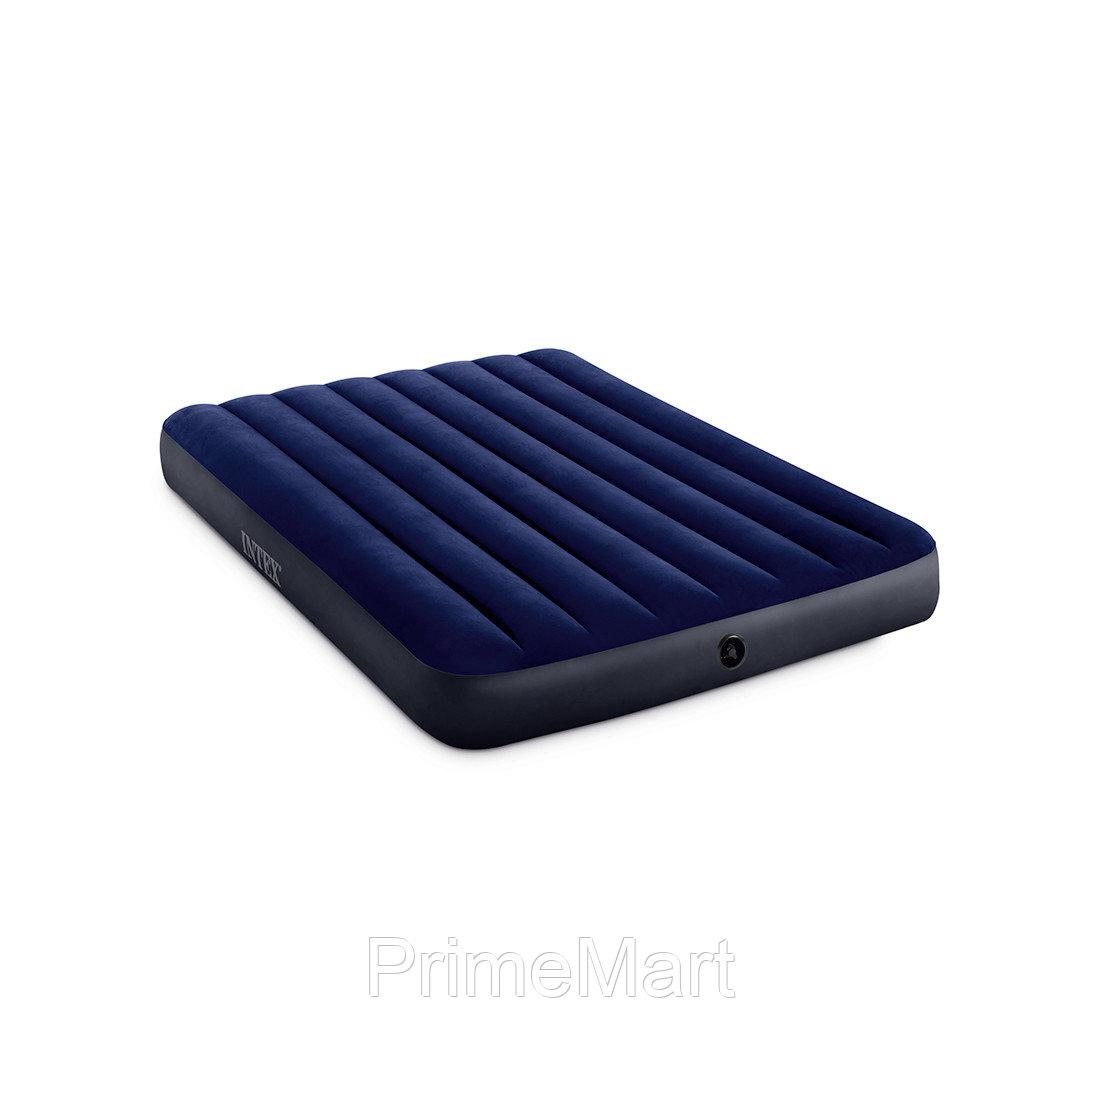 Матрас надувной Dura-Beam Classic Downy Airbed (Full) 191 х 137 х 25 см, INTEX, 64758, Винил, Флокированый верх, Технология Fiber-Tech, Синий, Цветная